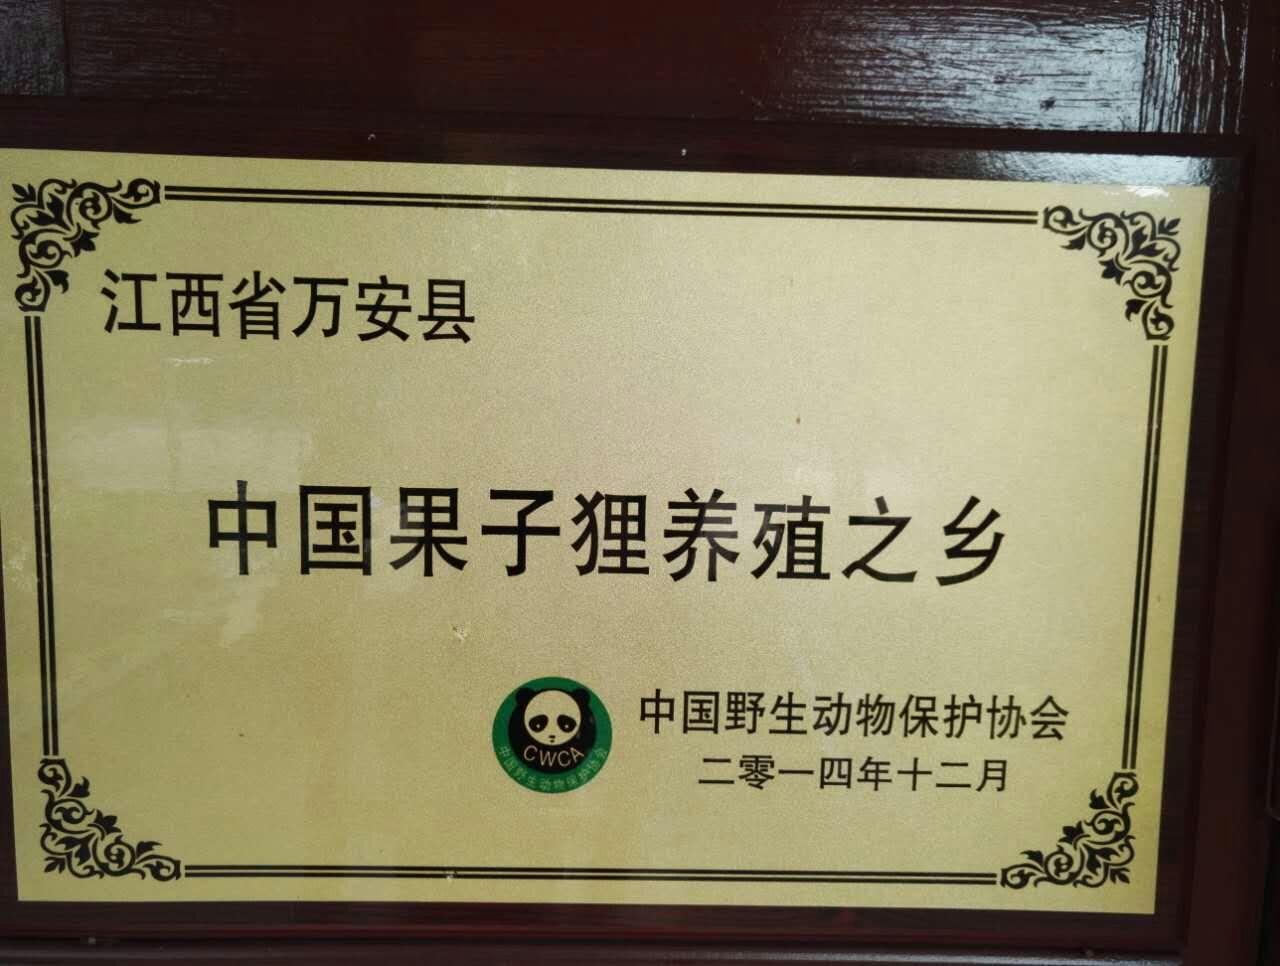 中国野生动物保护协会证书